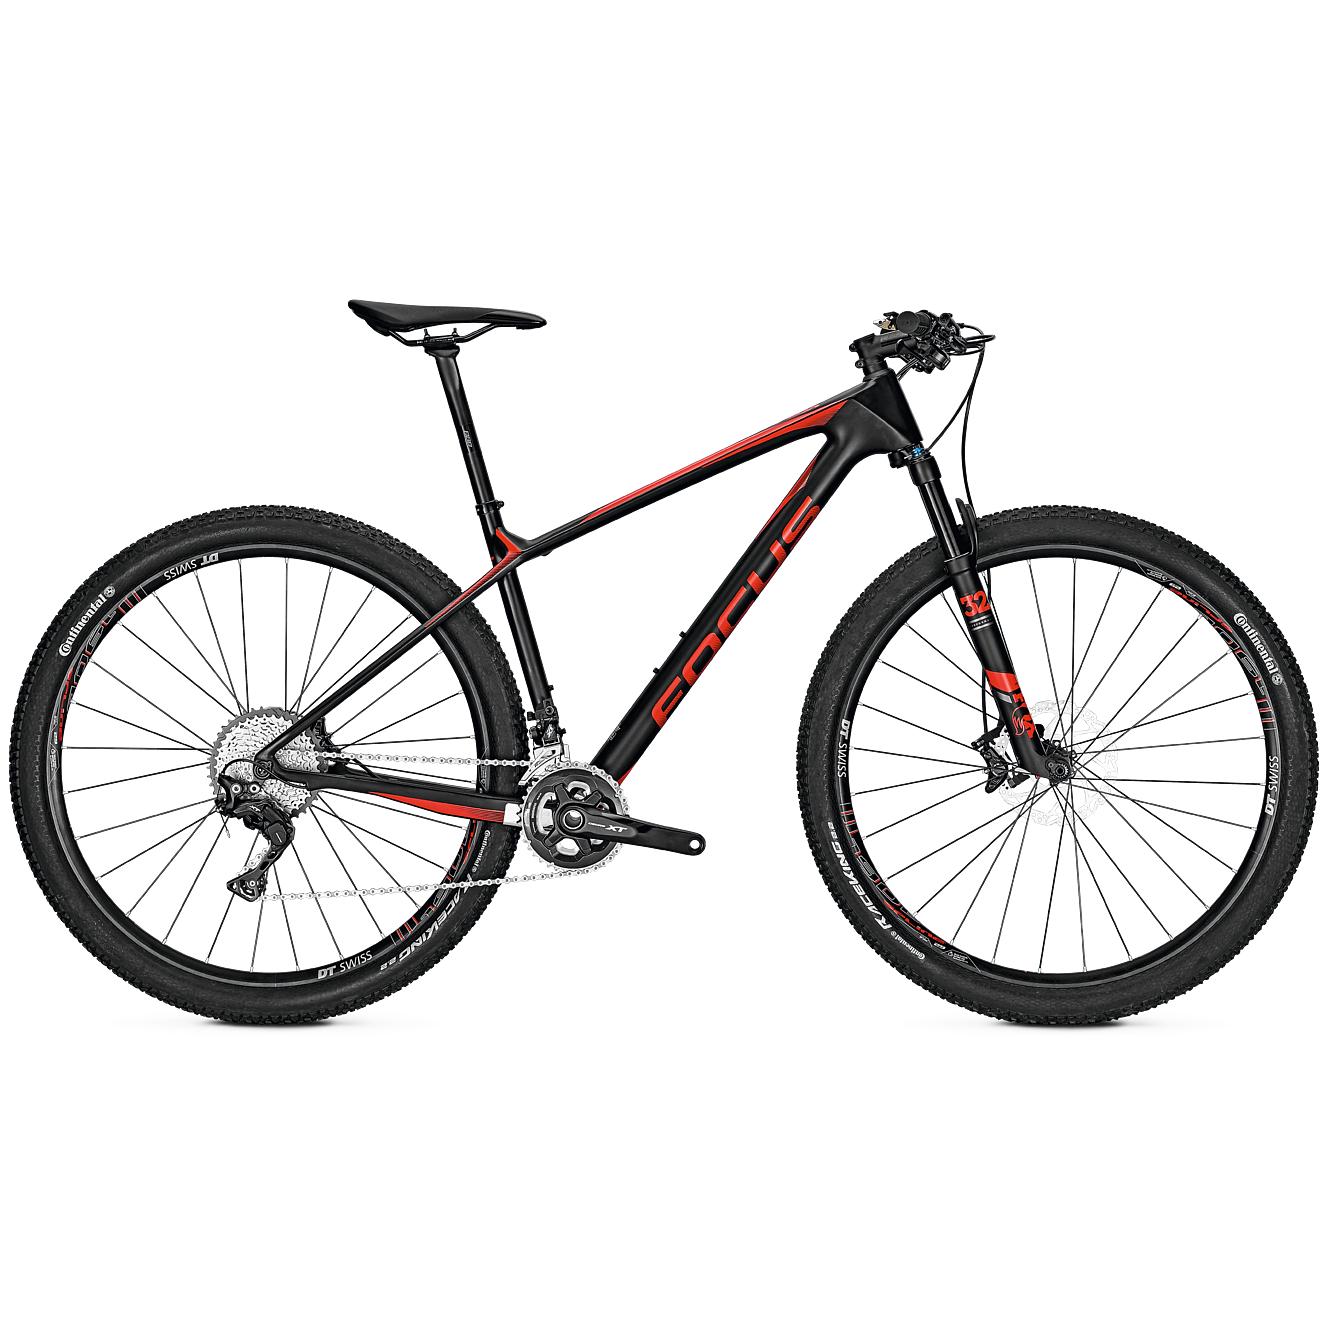 Велосипед Focus Raven Max Pro 2018 Carbon/redm